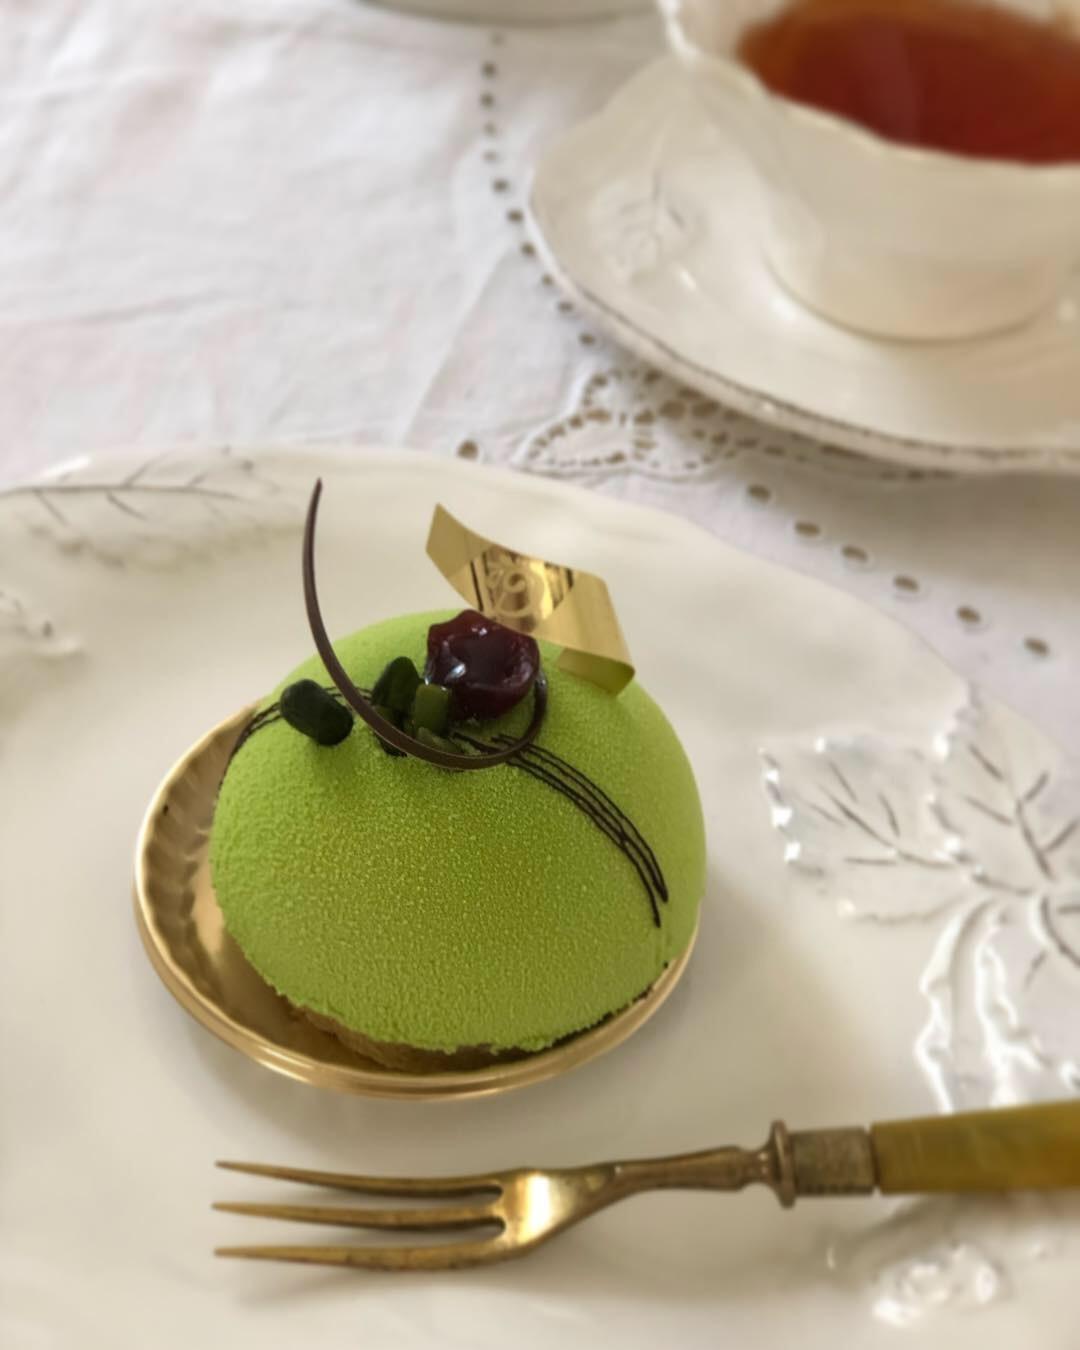 大好きなショコラショップのケーキ@渋谷ヒカリエ_a0157409_06315619.jpeg